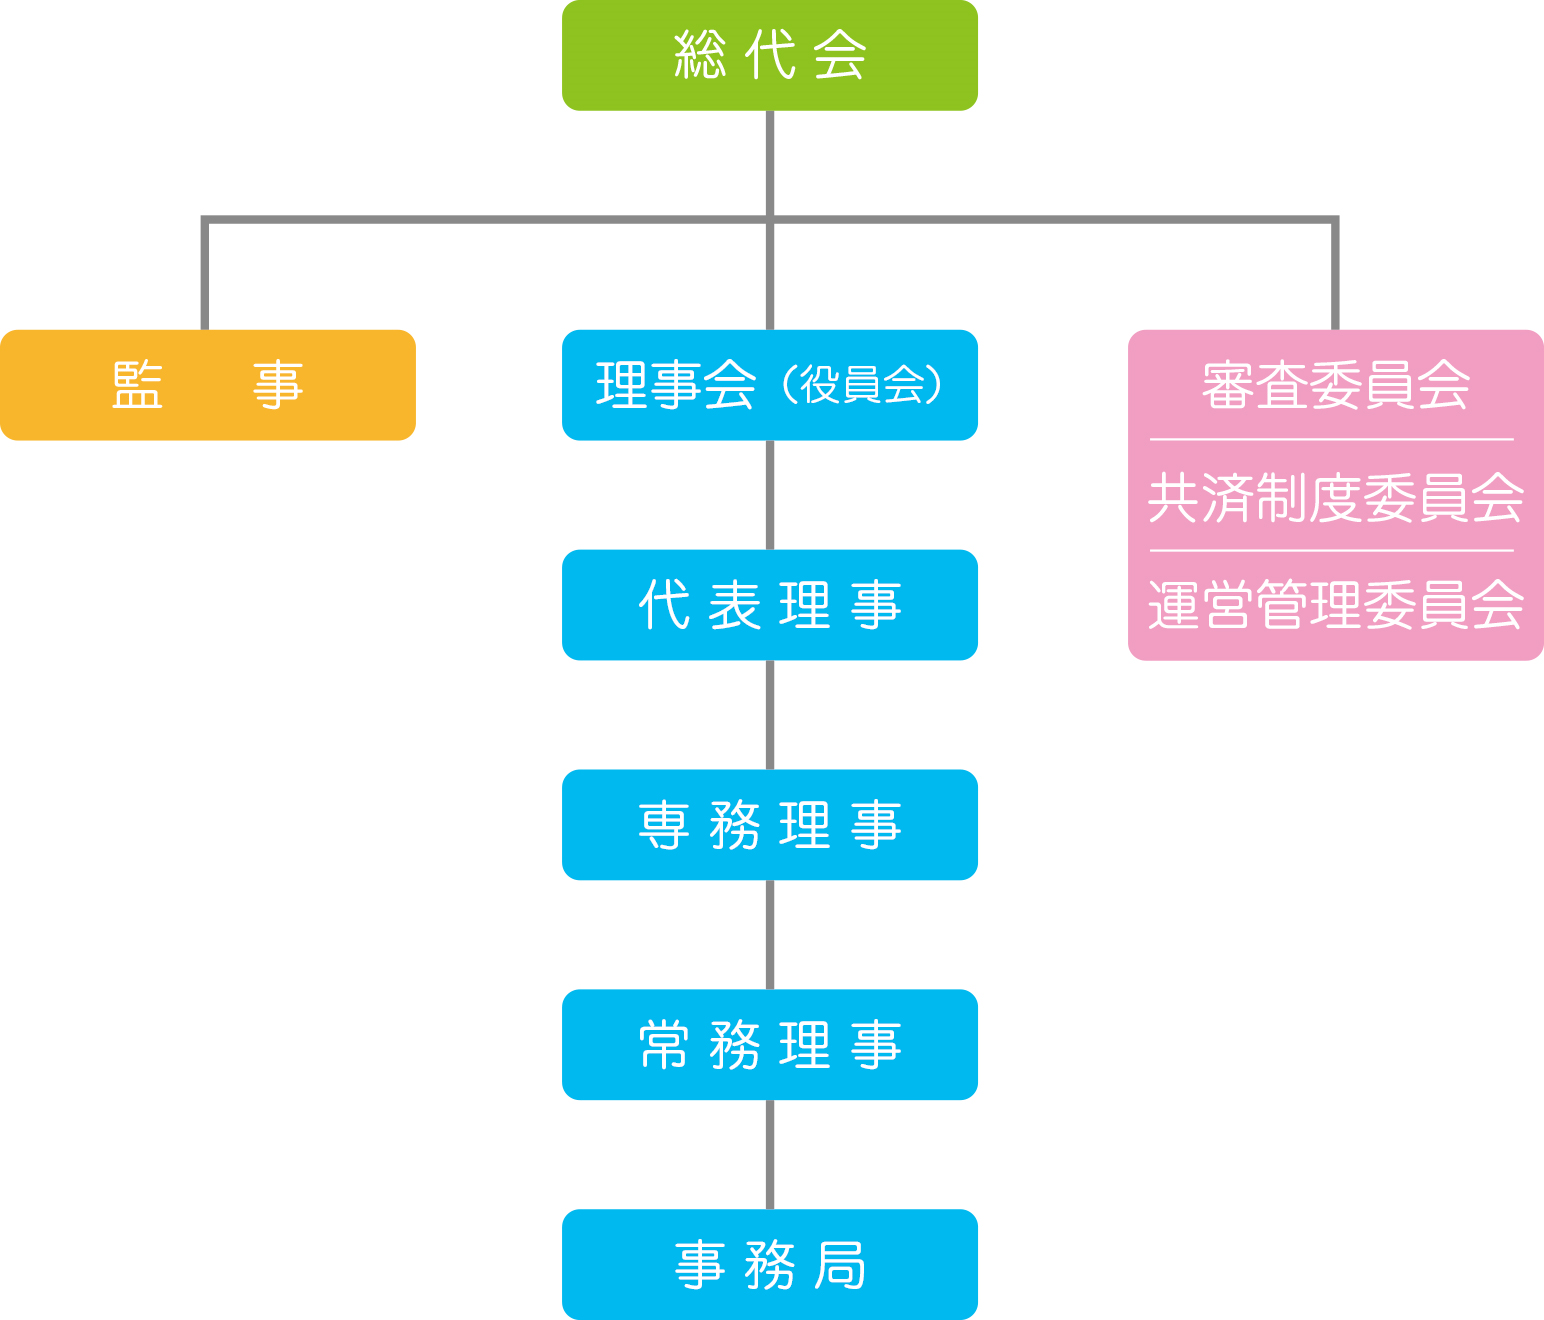 さいたま共済の組織図